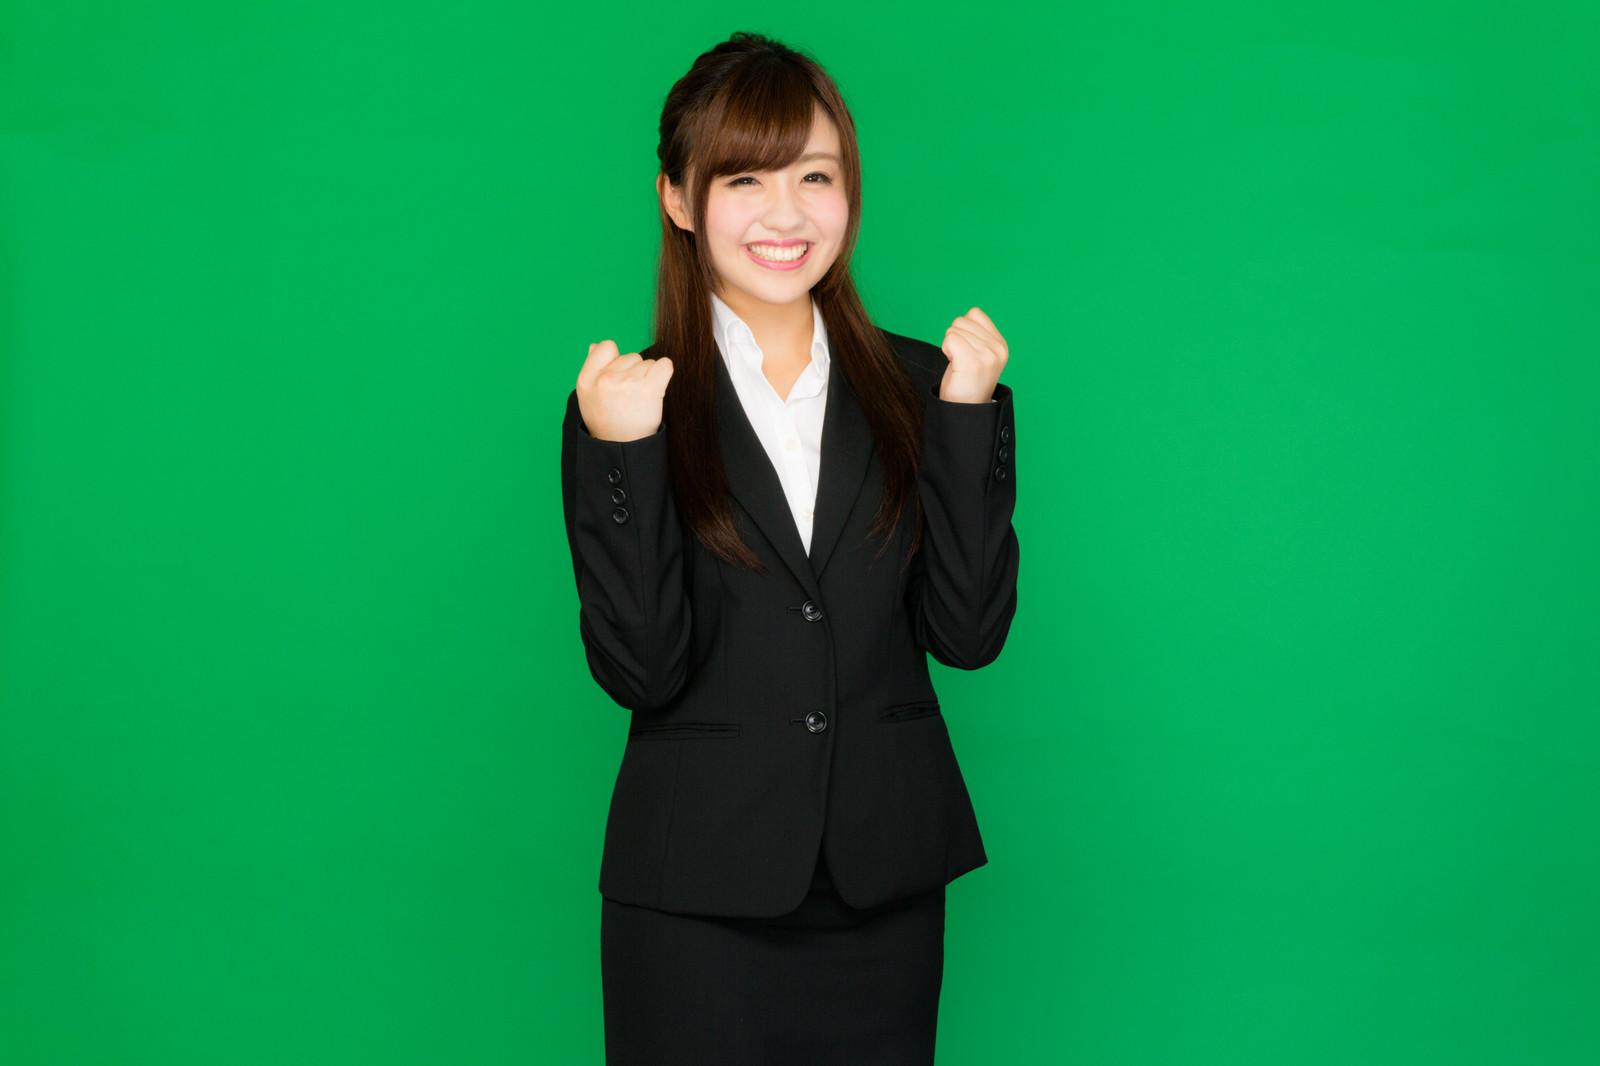 新入社員育成時に伝えたい心得③常に笑顔でいることを忘れない